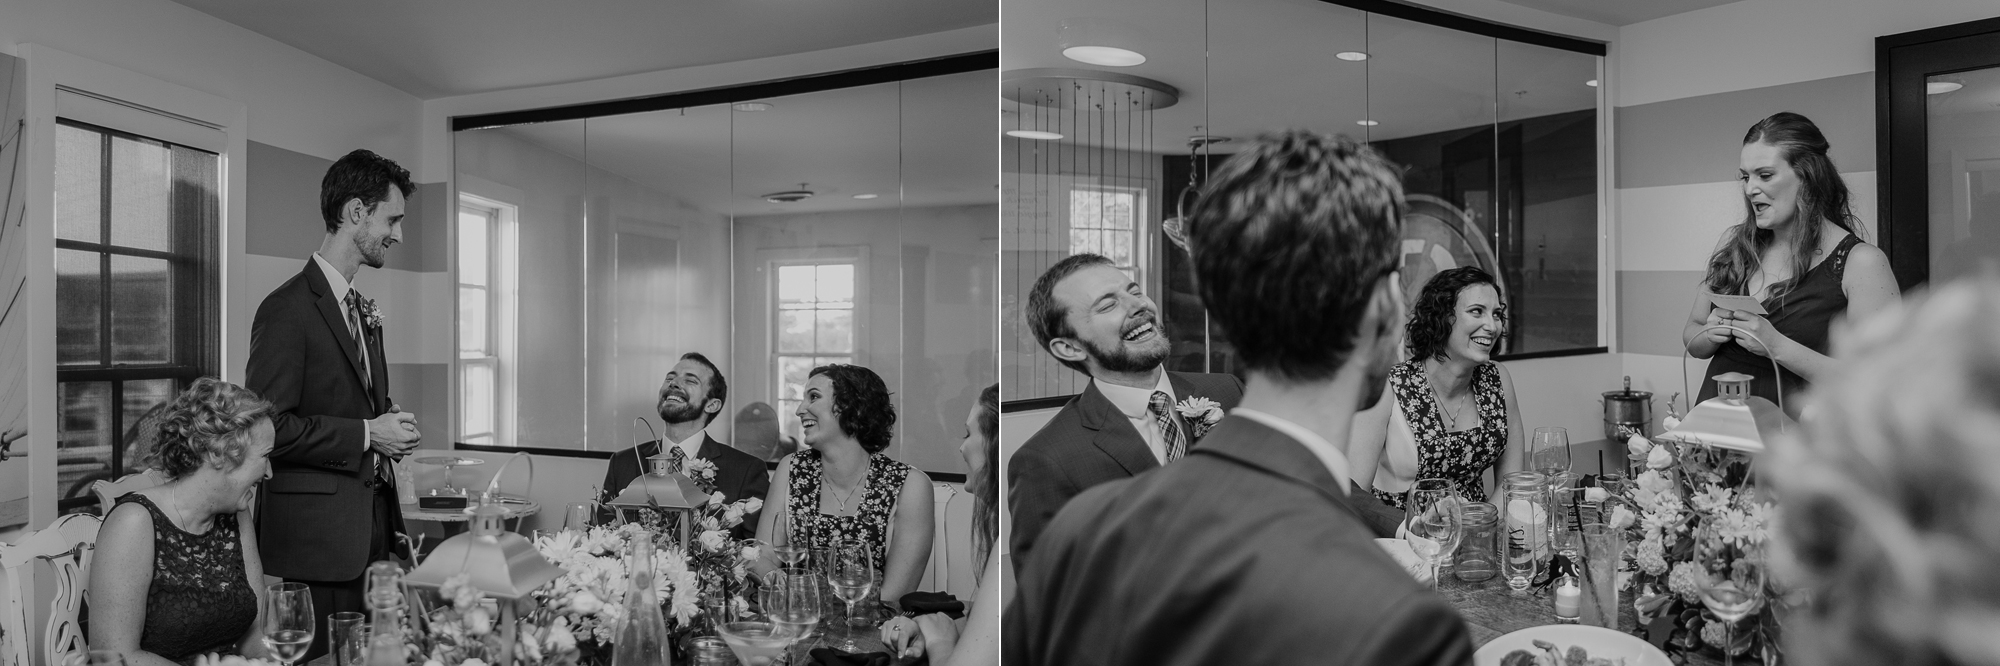 085-annapolis_courthouse_wedding.jpg